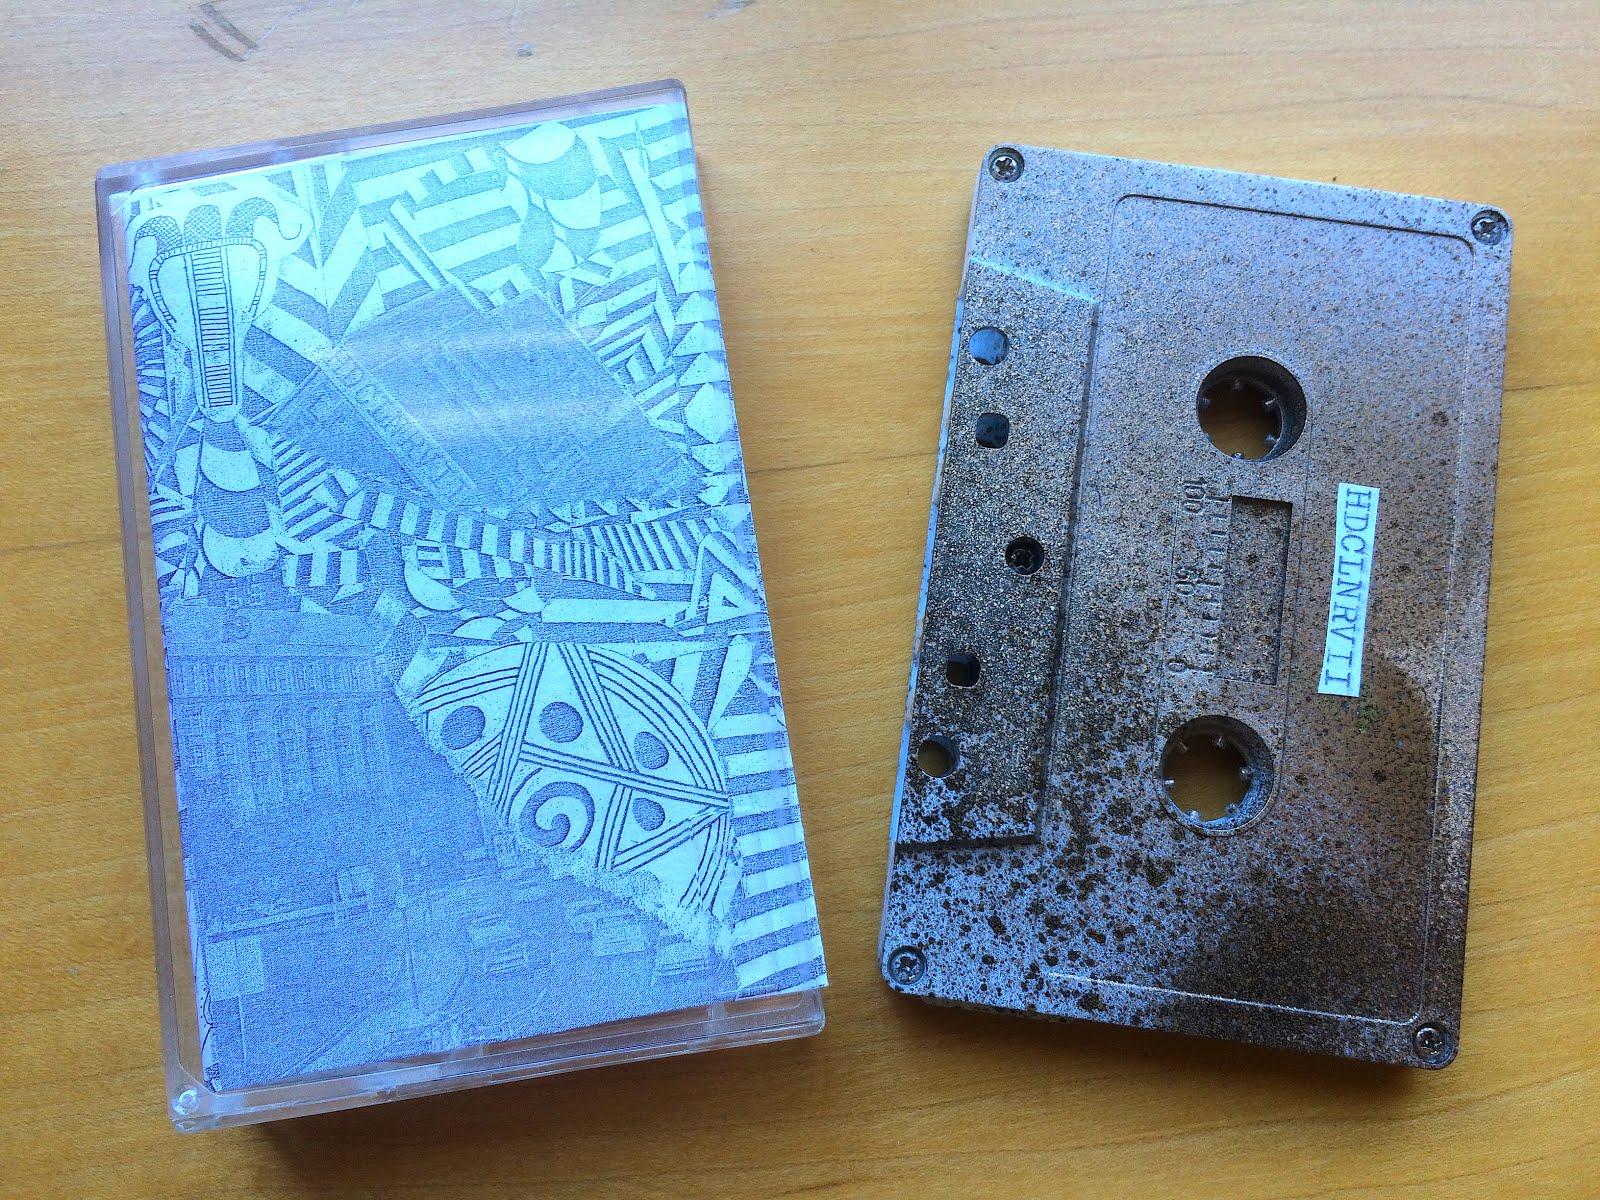 Cassette Gods